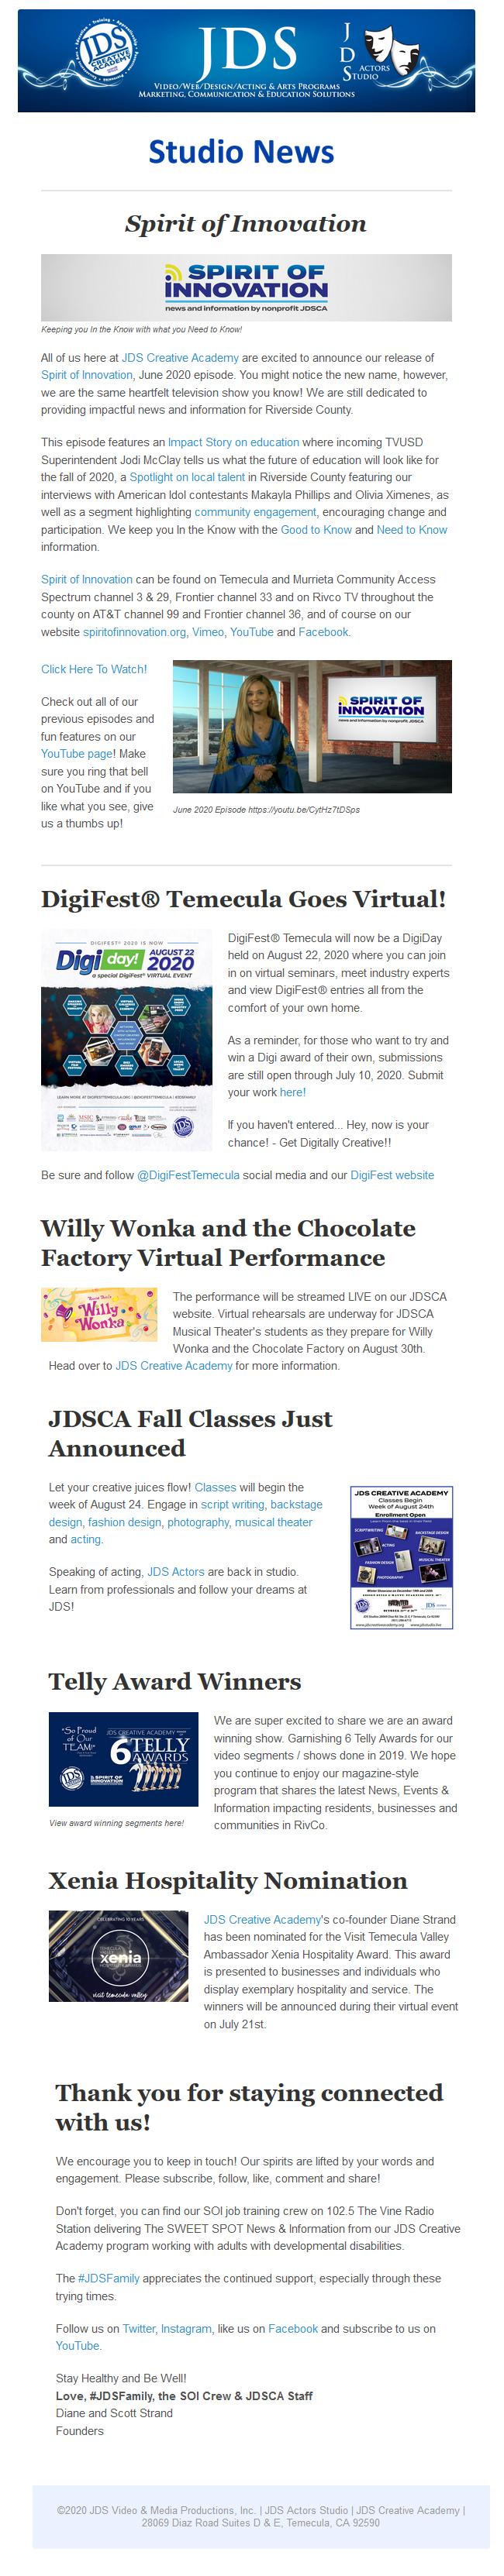 JDS Studio July News 2020